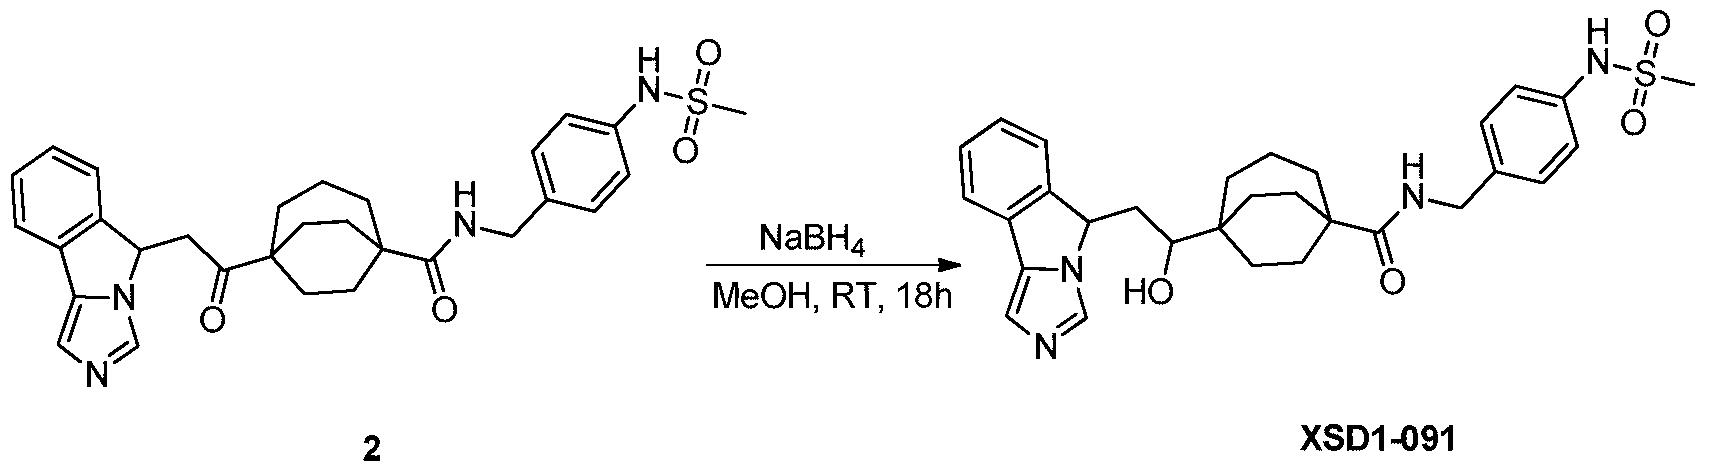 Figure PCTCN2017084604-appb-000136